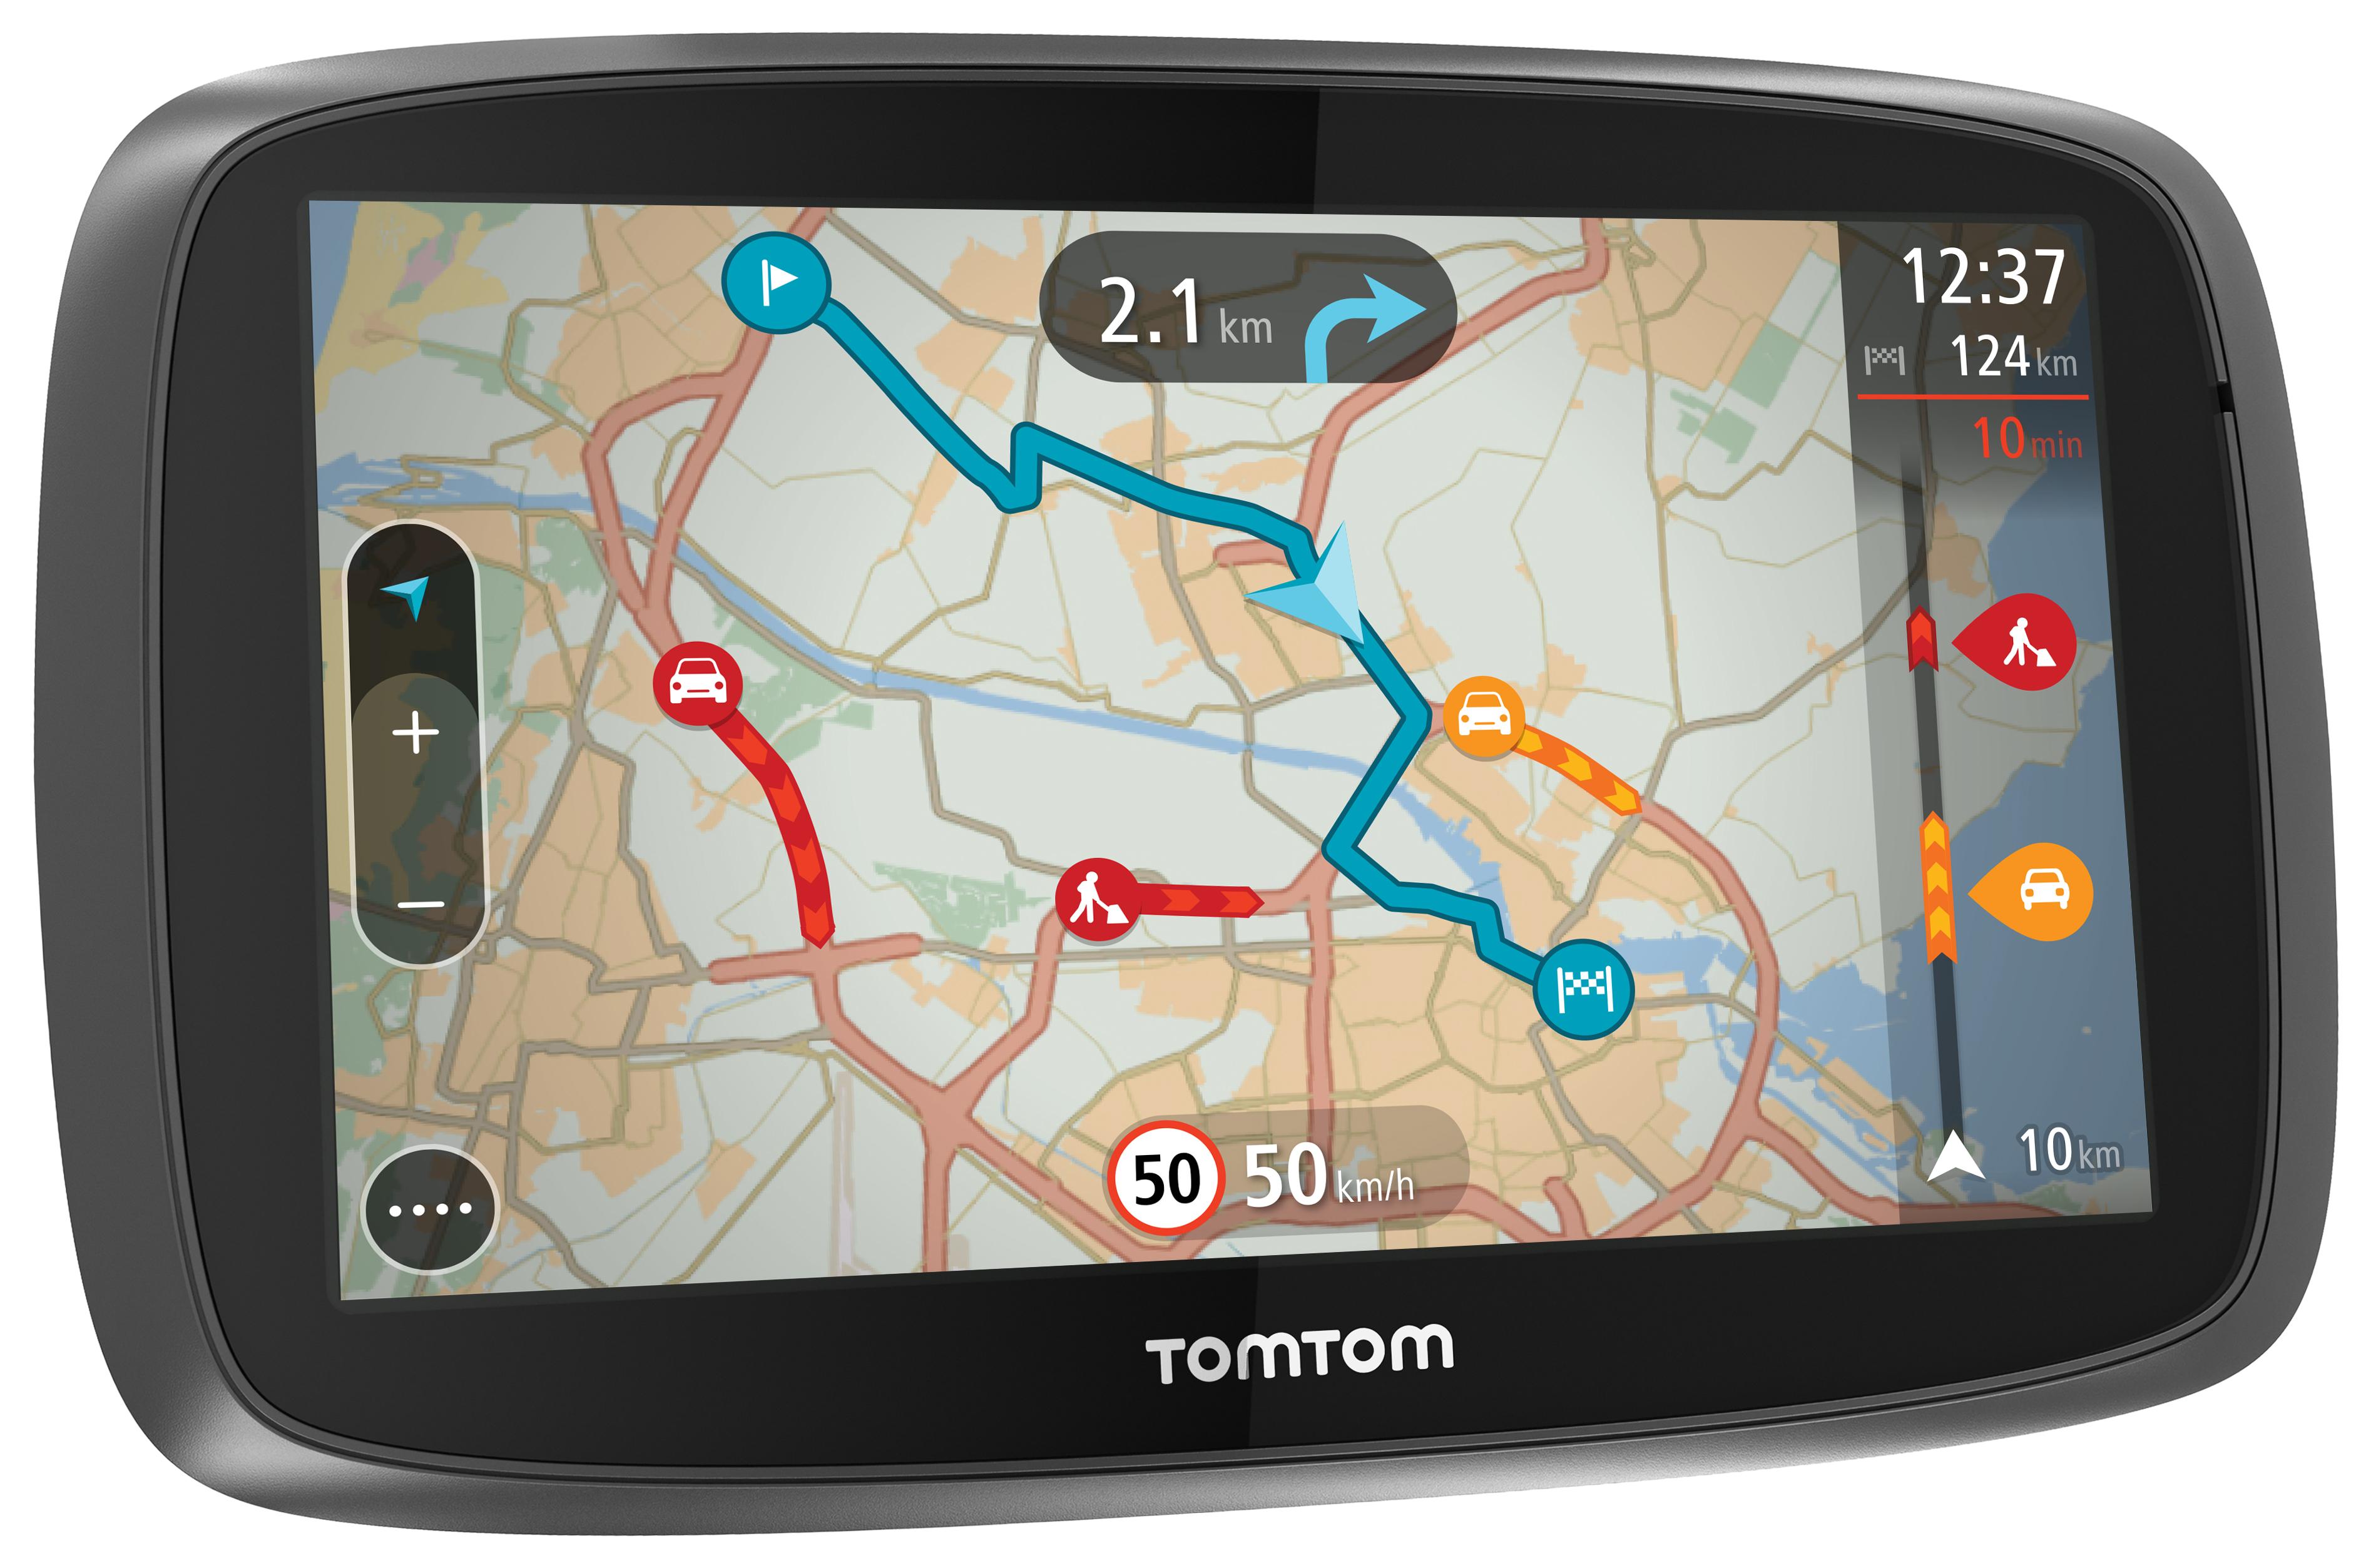 TomTom rinnova tutta la famiglia di navigatori GPS TomTom GO